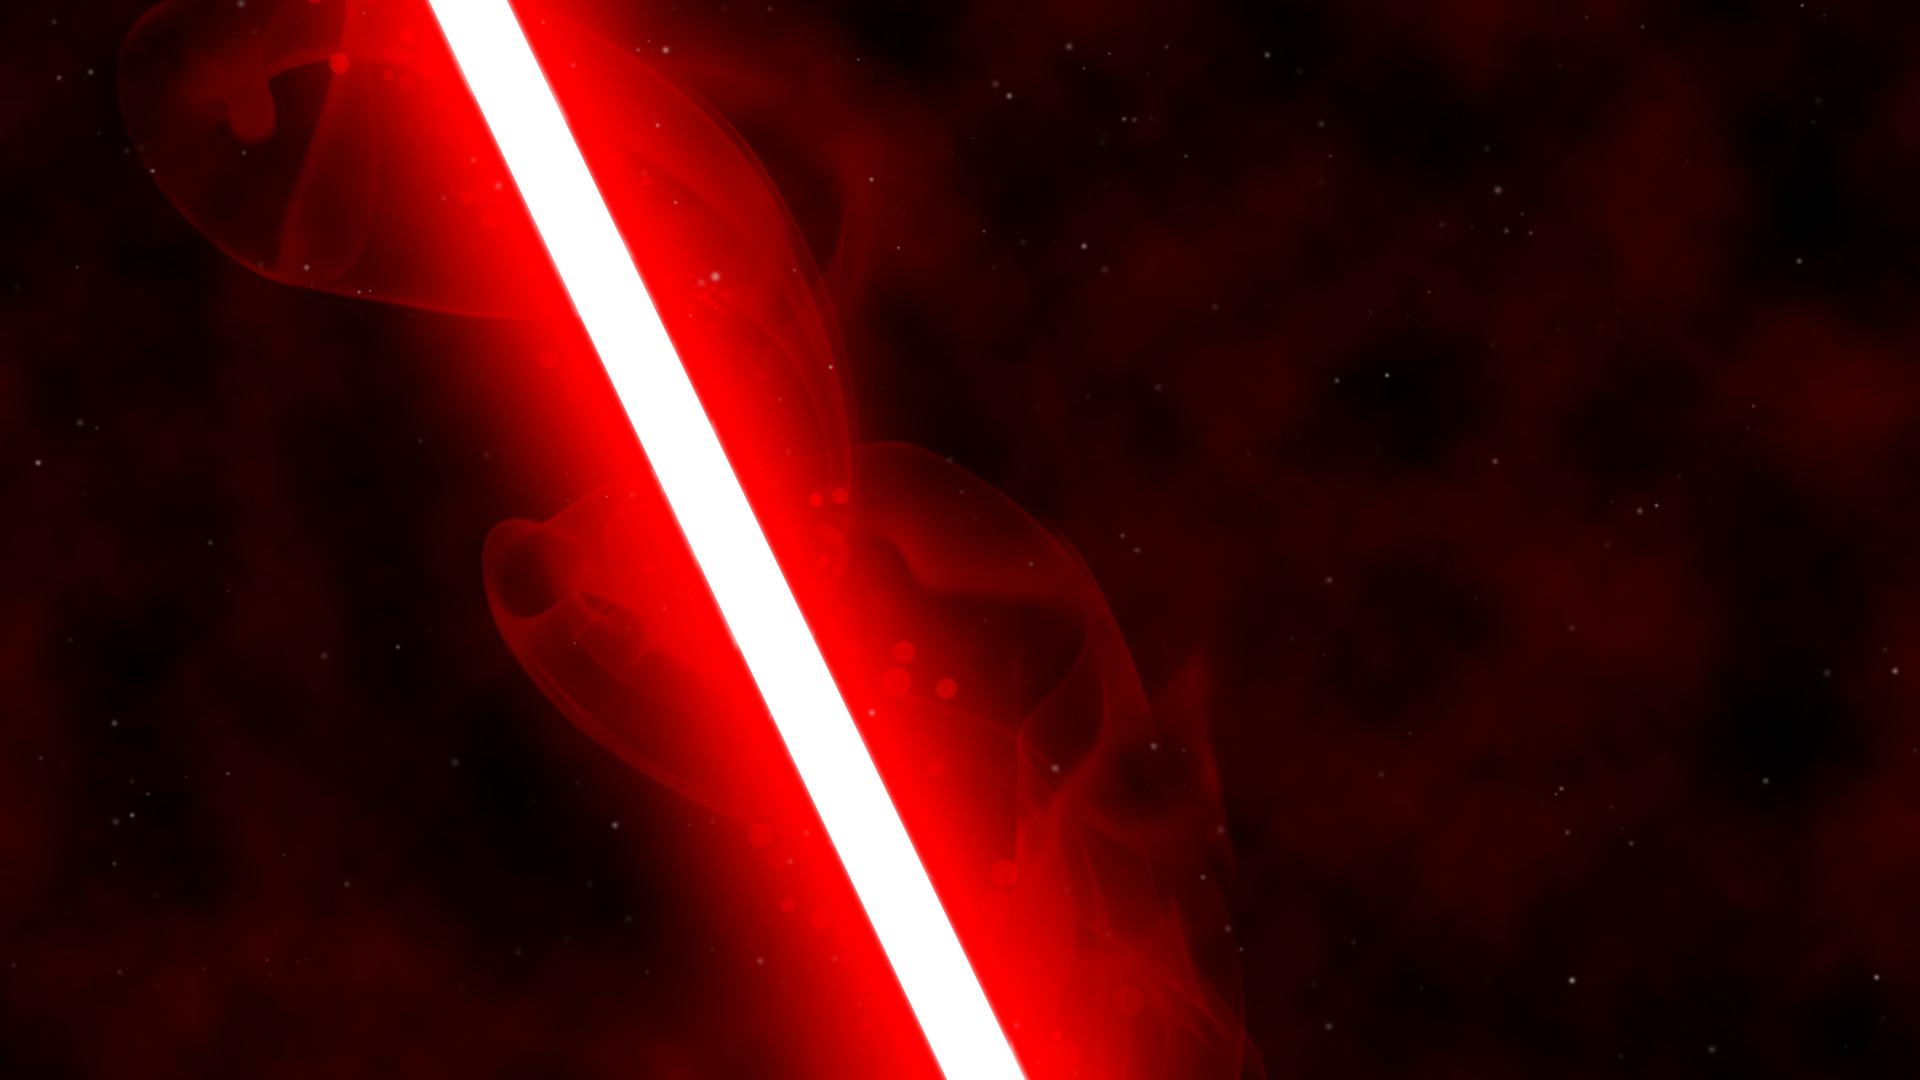 red lightsaber by nerfavari on deviantart